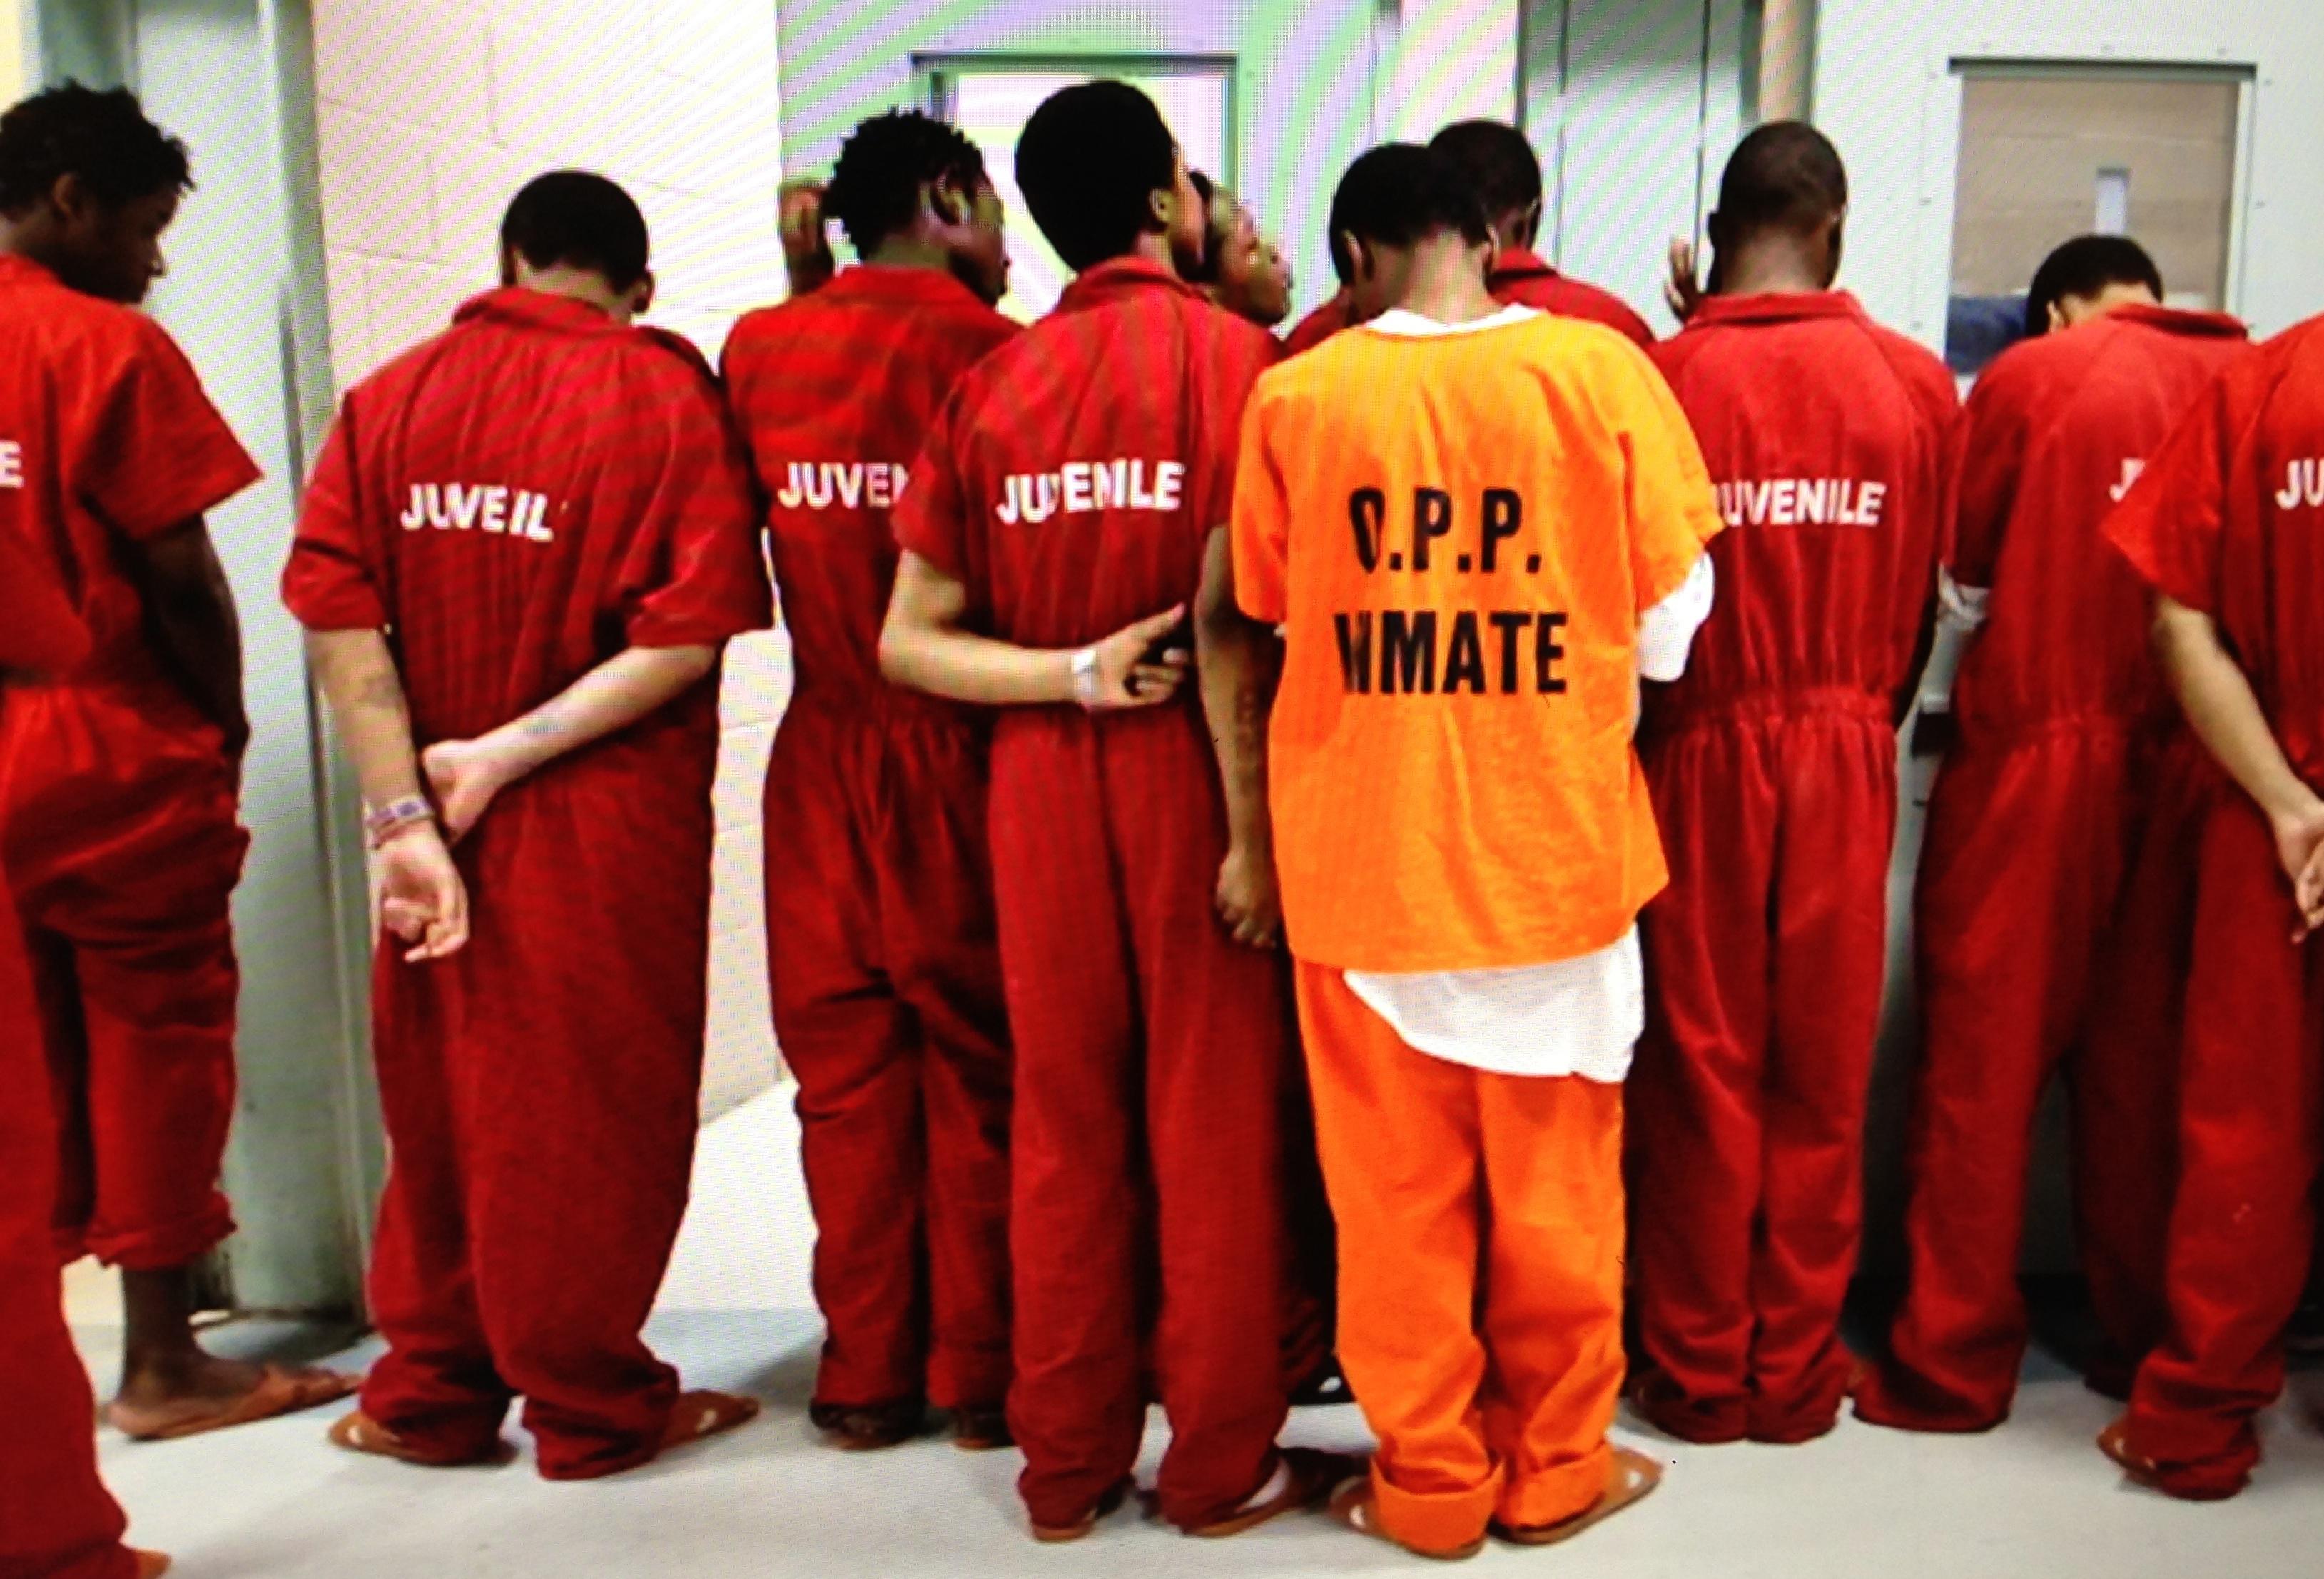 juveniles Powered by: juvenile shop.